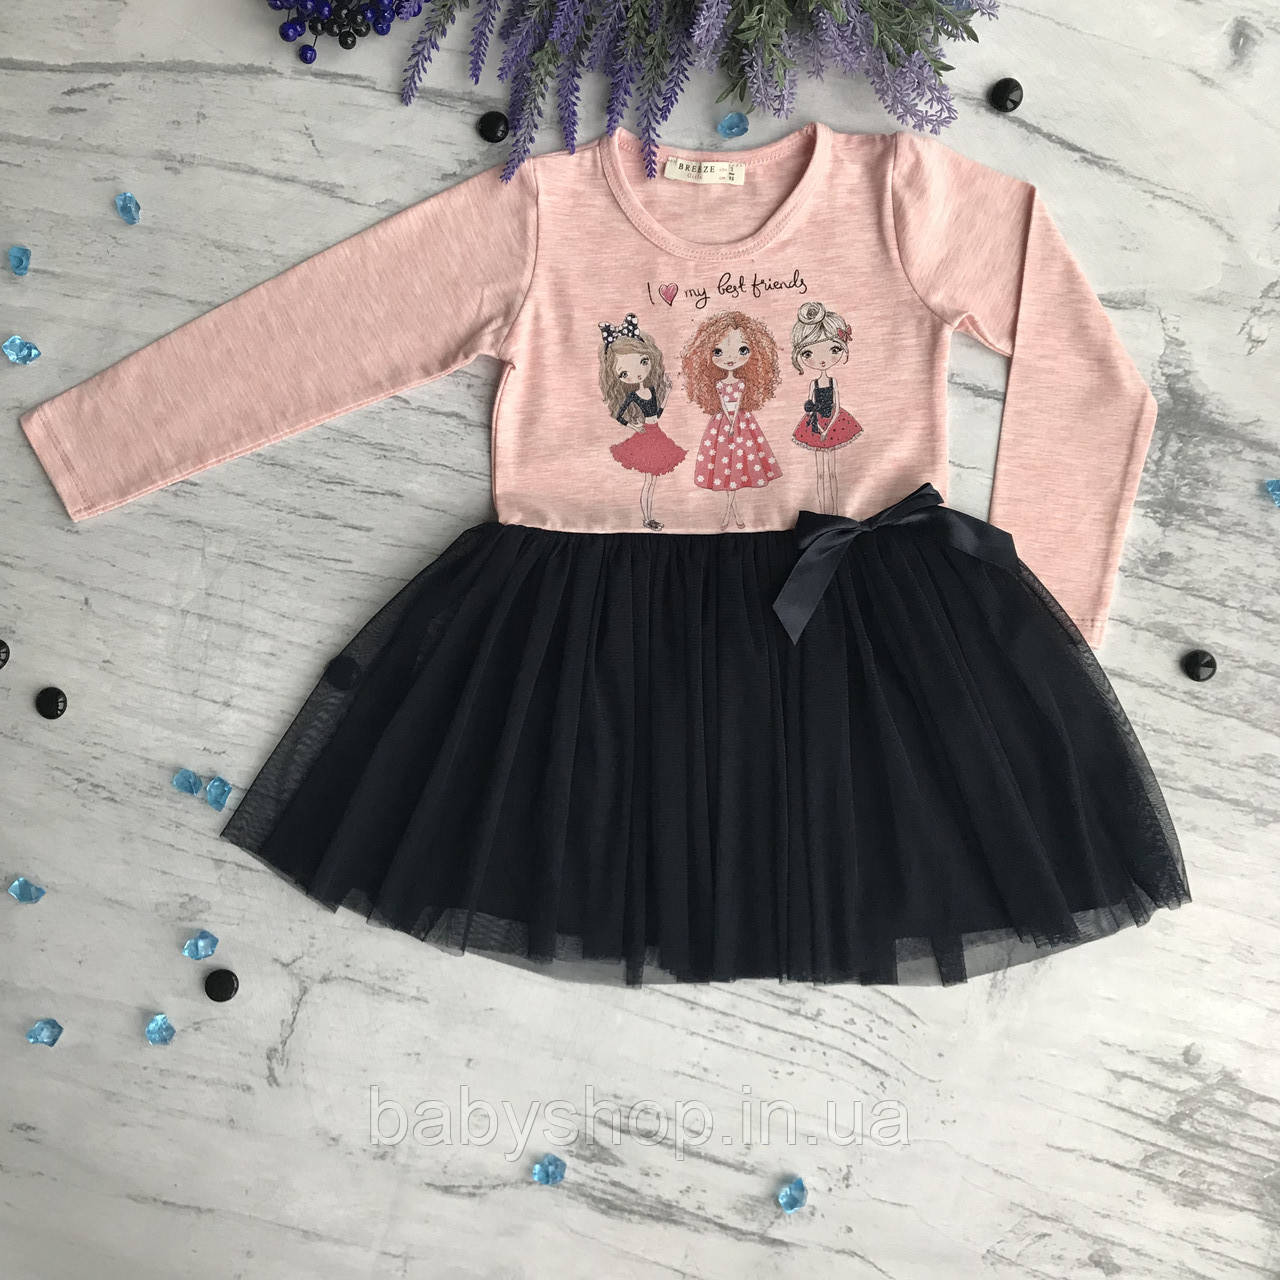 Платье на девочку Breeze 1/36. Размеры 98 см, 104 см, 110 см,116 см,